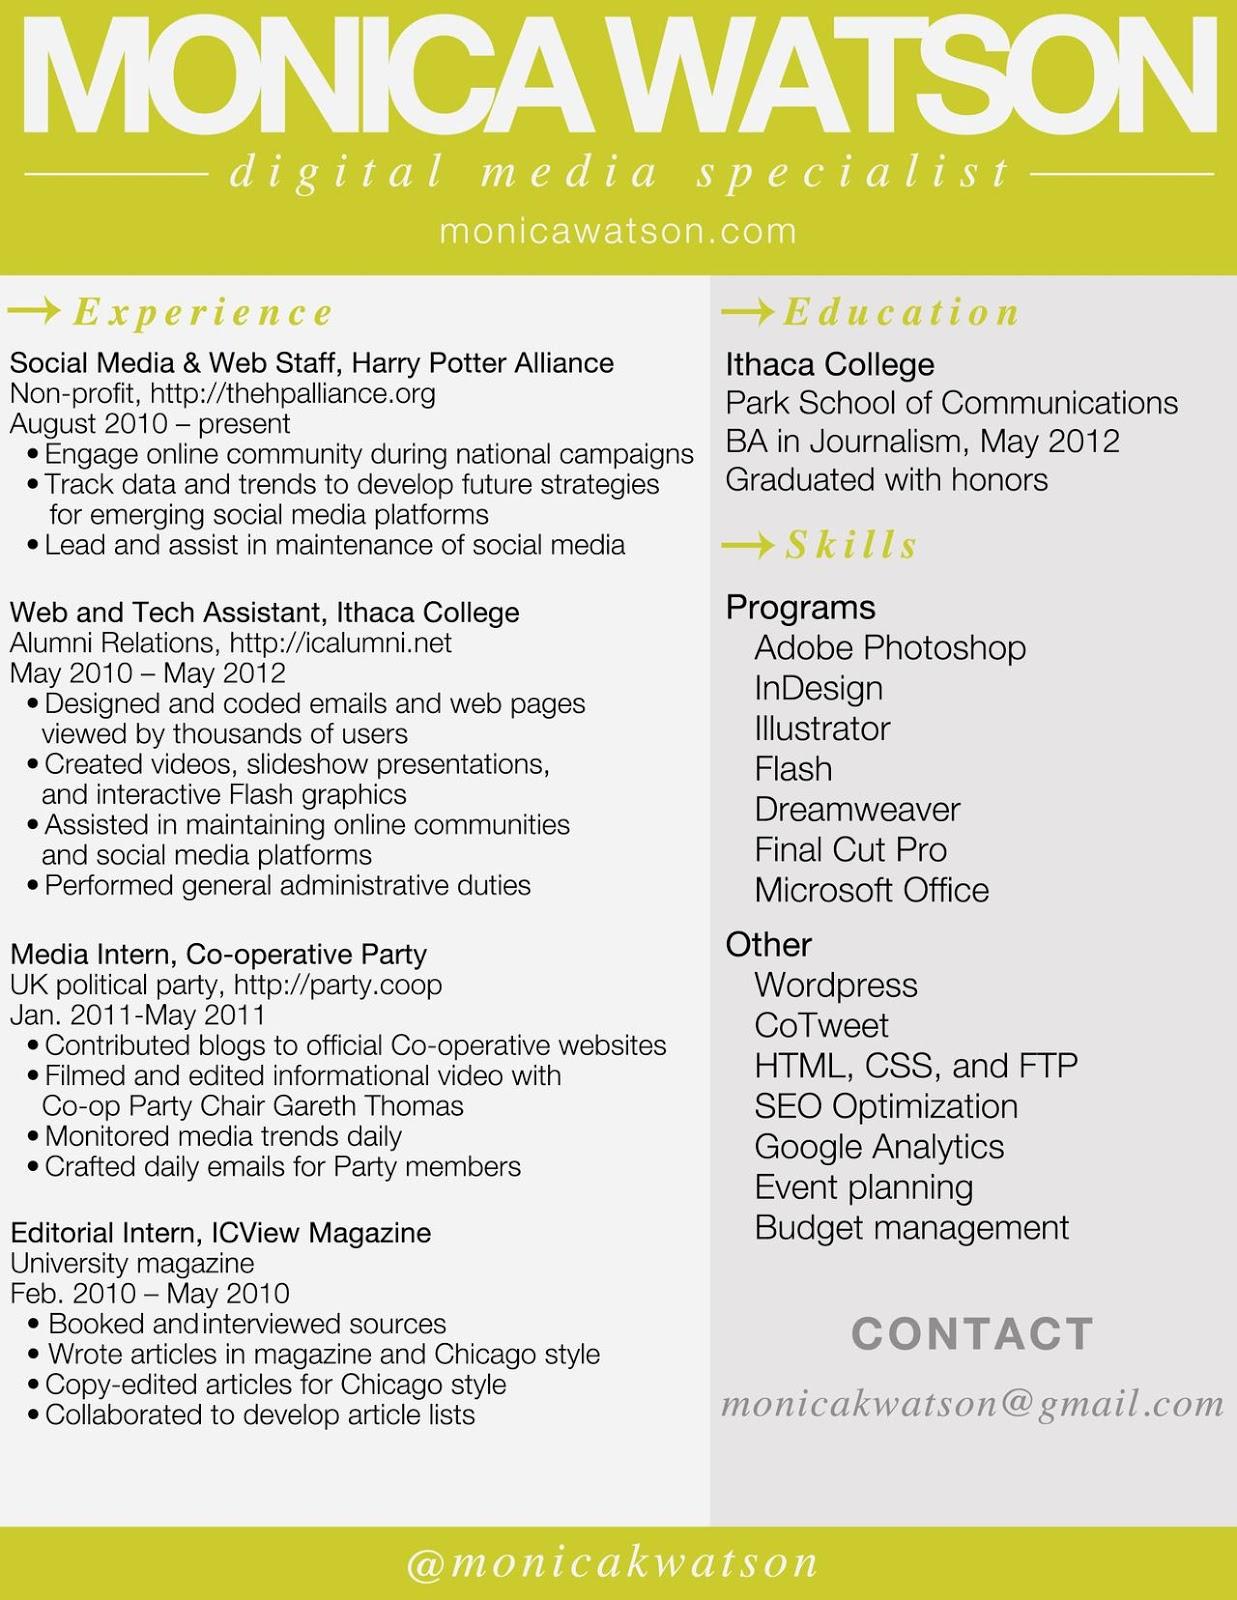 Social Media Resume Template 2019 Social Media CV Template 2020, social media resume template, social media cv template, social media manager resume template, social media manager cv template, social media cv template free, social media cv templates, social media marketing resume template, creative social media resume templates